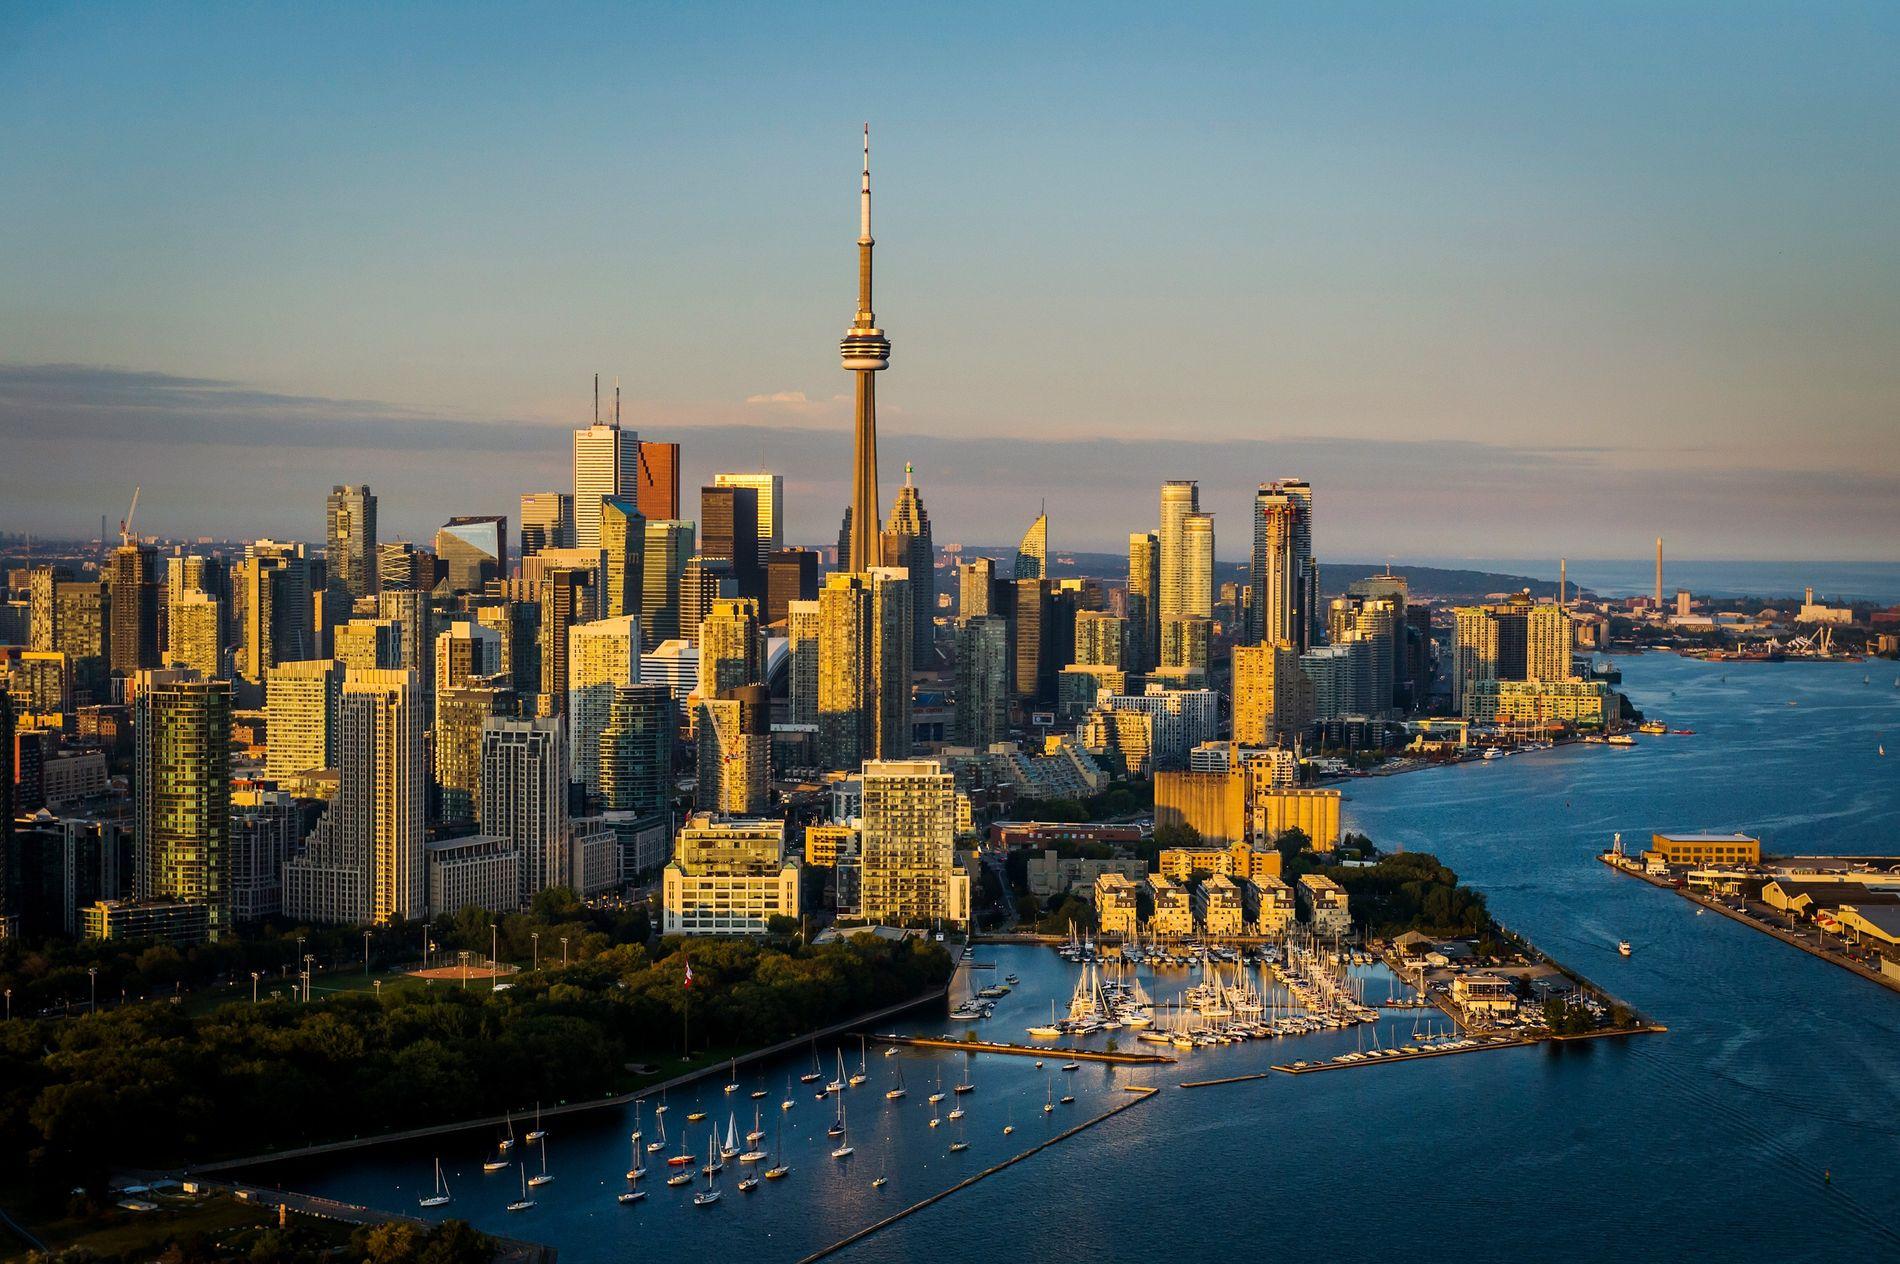 Blick auf das Hafengebiet von Toronto und den Ontariosee bei Sonnenuntergang.